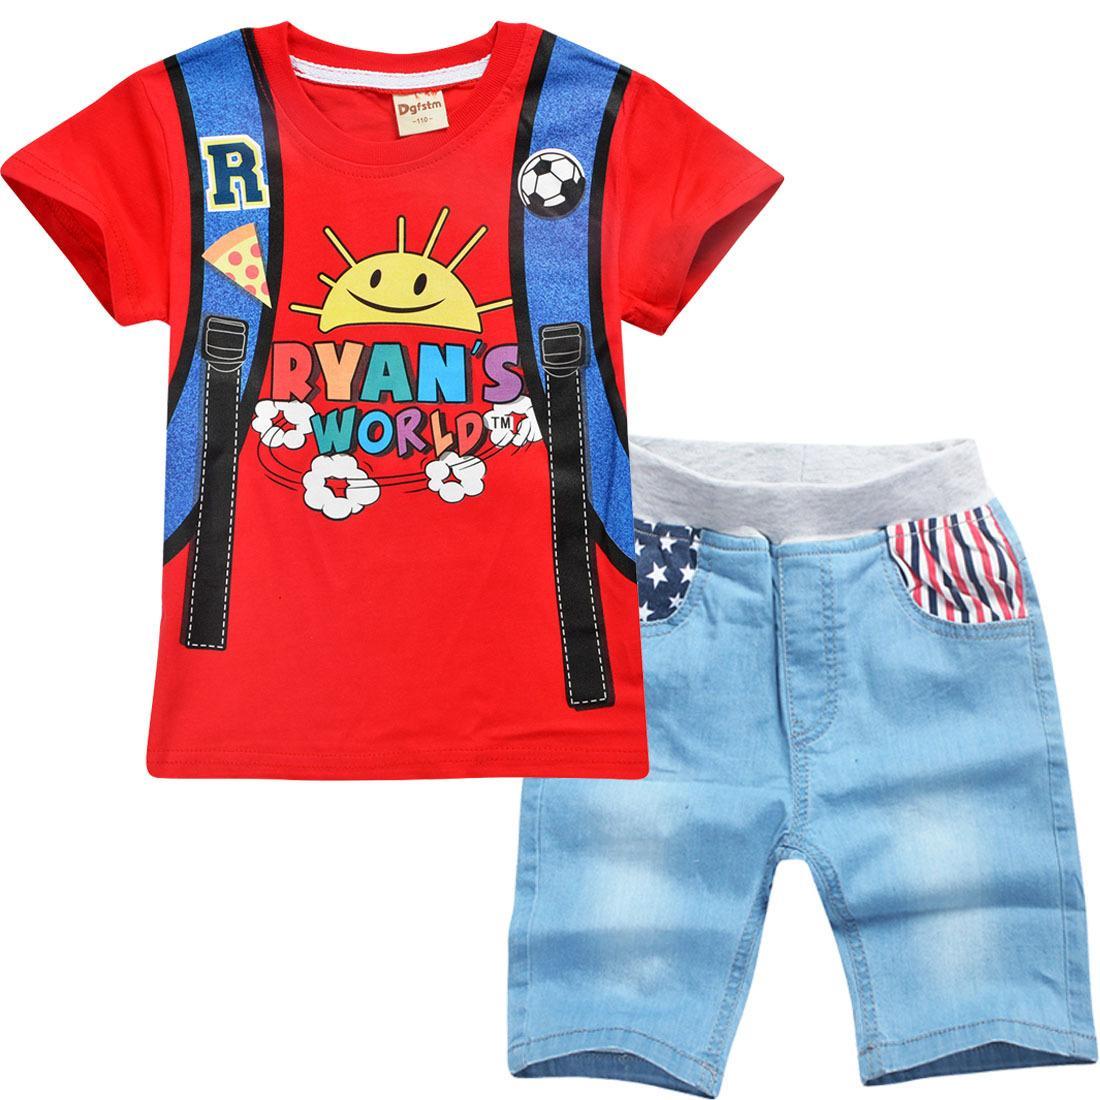 3T-10T Boy's Set Футболка и джинсы с коротким рукавом Большие дети 2 шт. Набор мультфильм мода повседневные летние детские костюмы